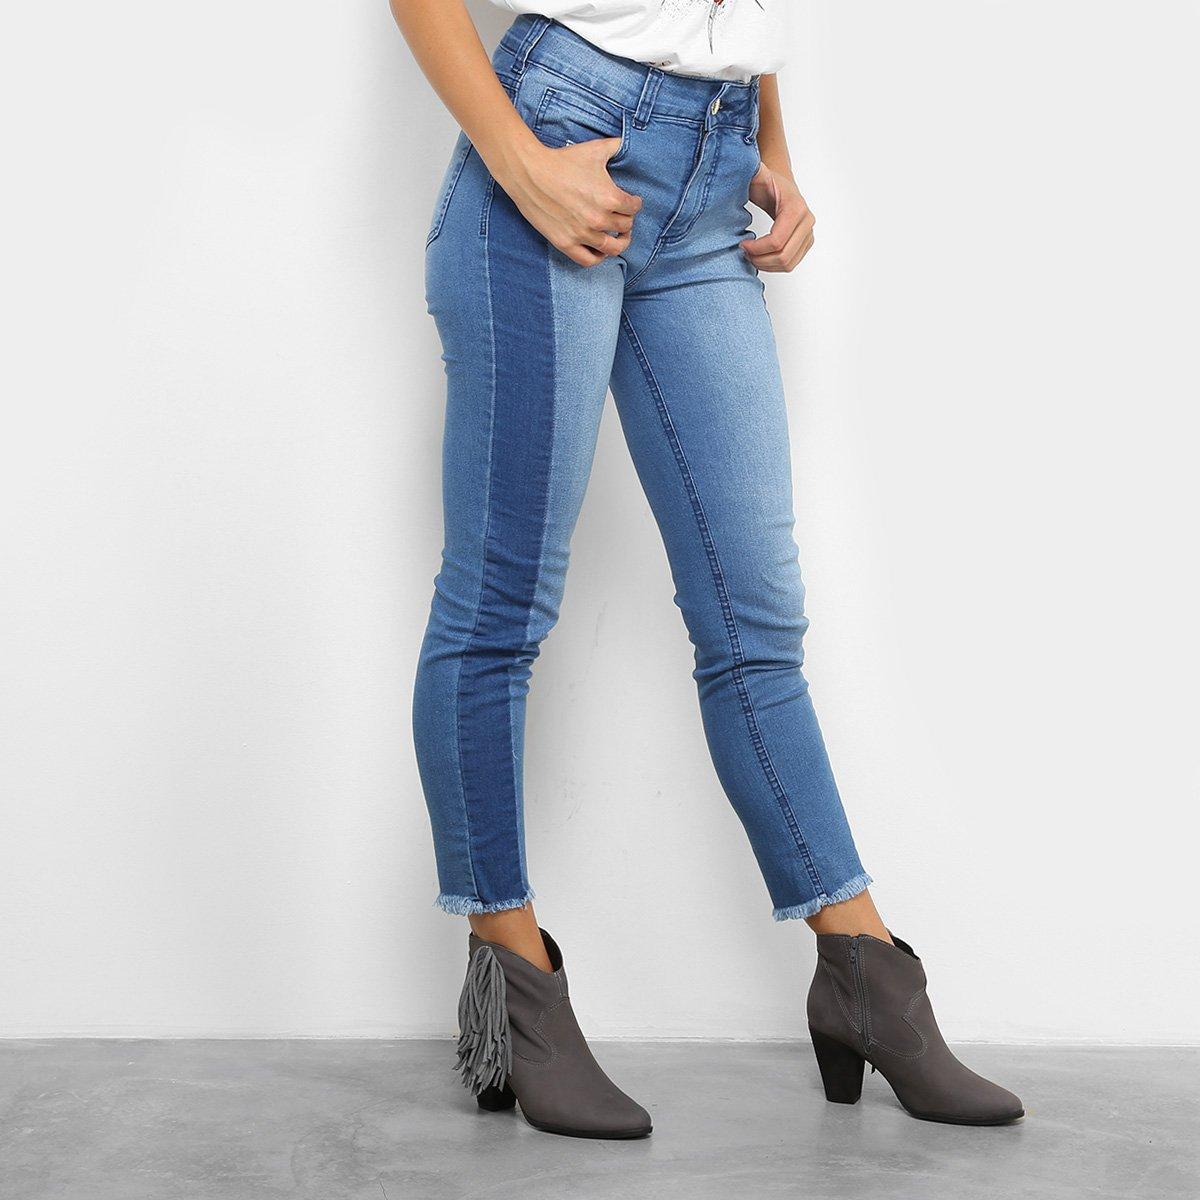 e938a3e7a FornecedorZattini. Calça Jeans Skinny Colcci Base Bia Barra Desfiada  Cintura Alta Feminina